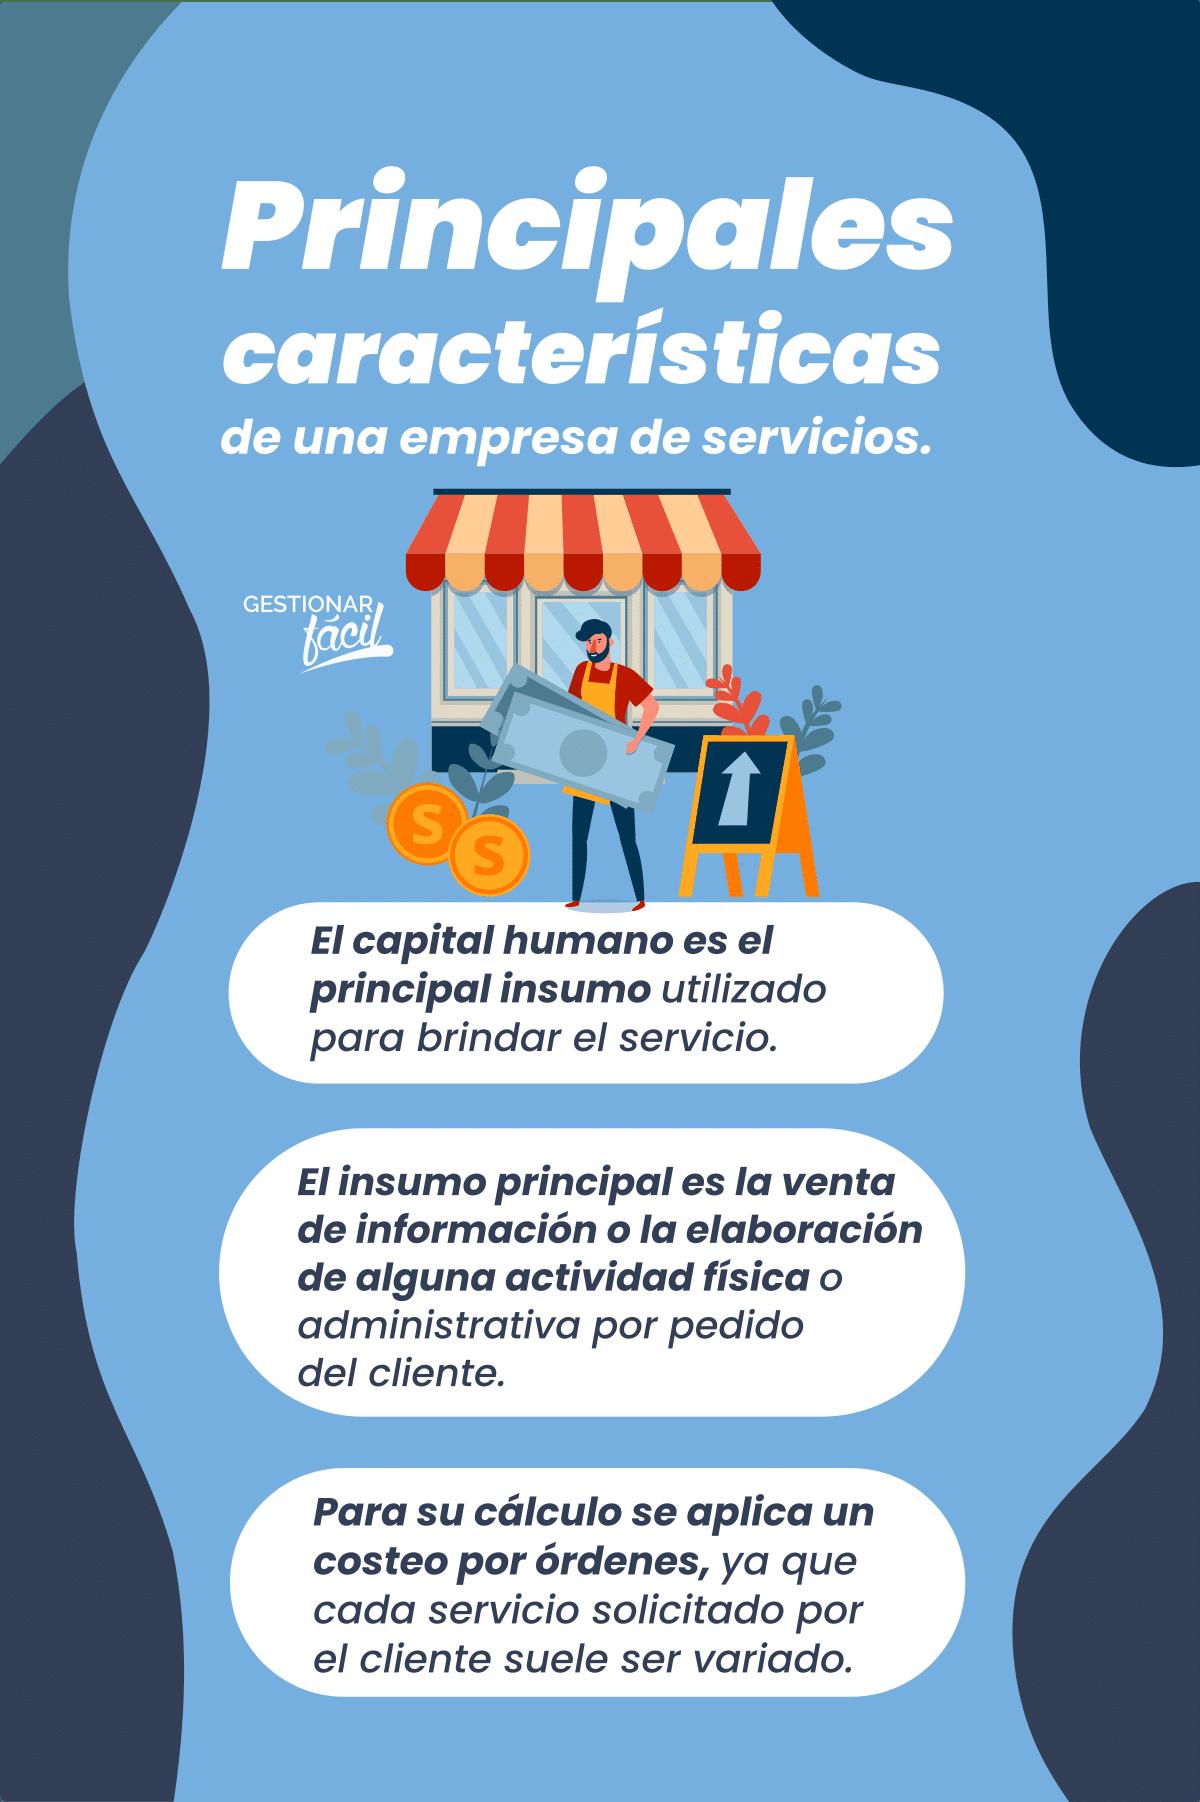 Costos directos e indirectos en una empresa de servicios.